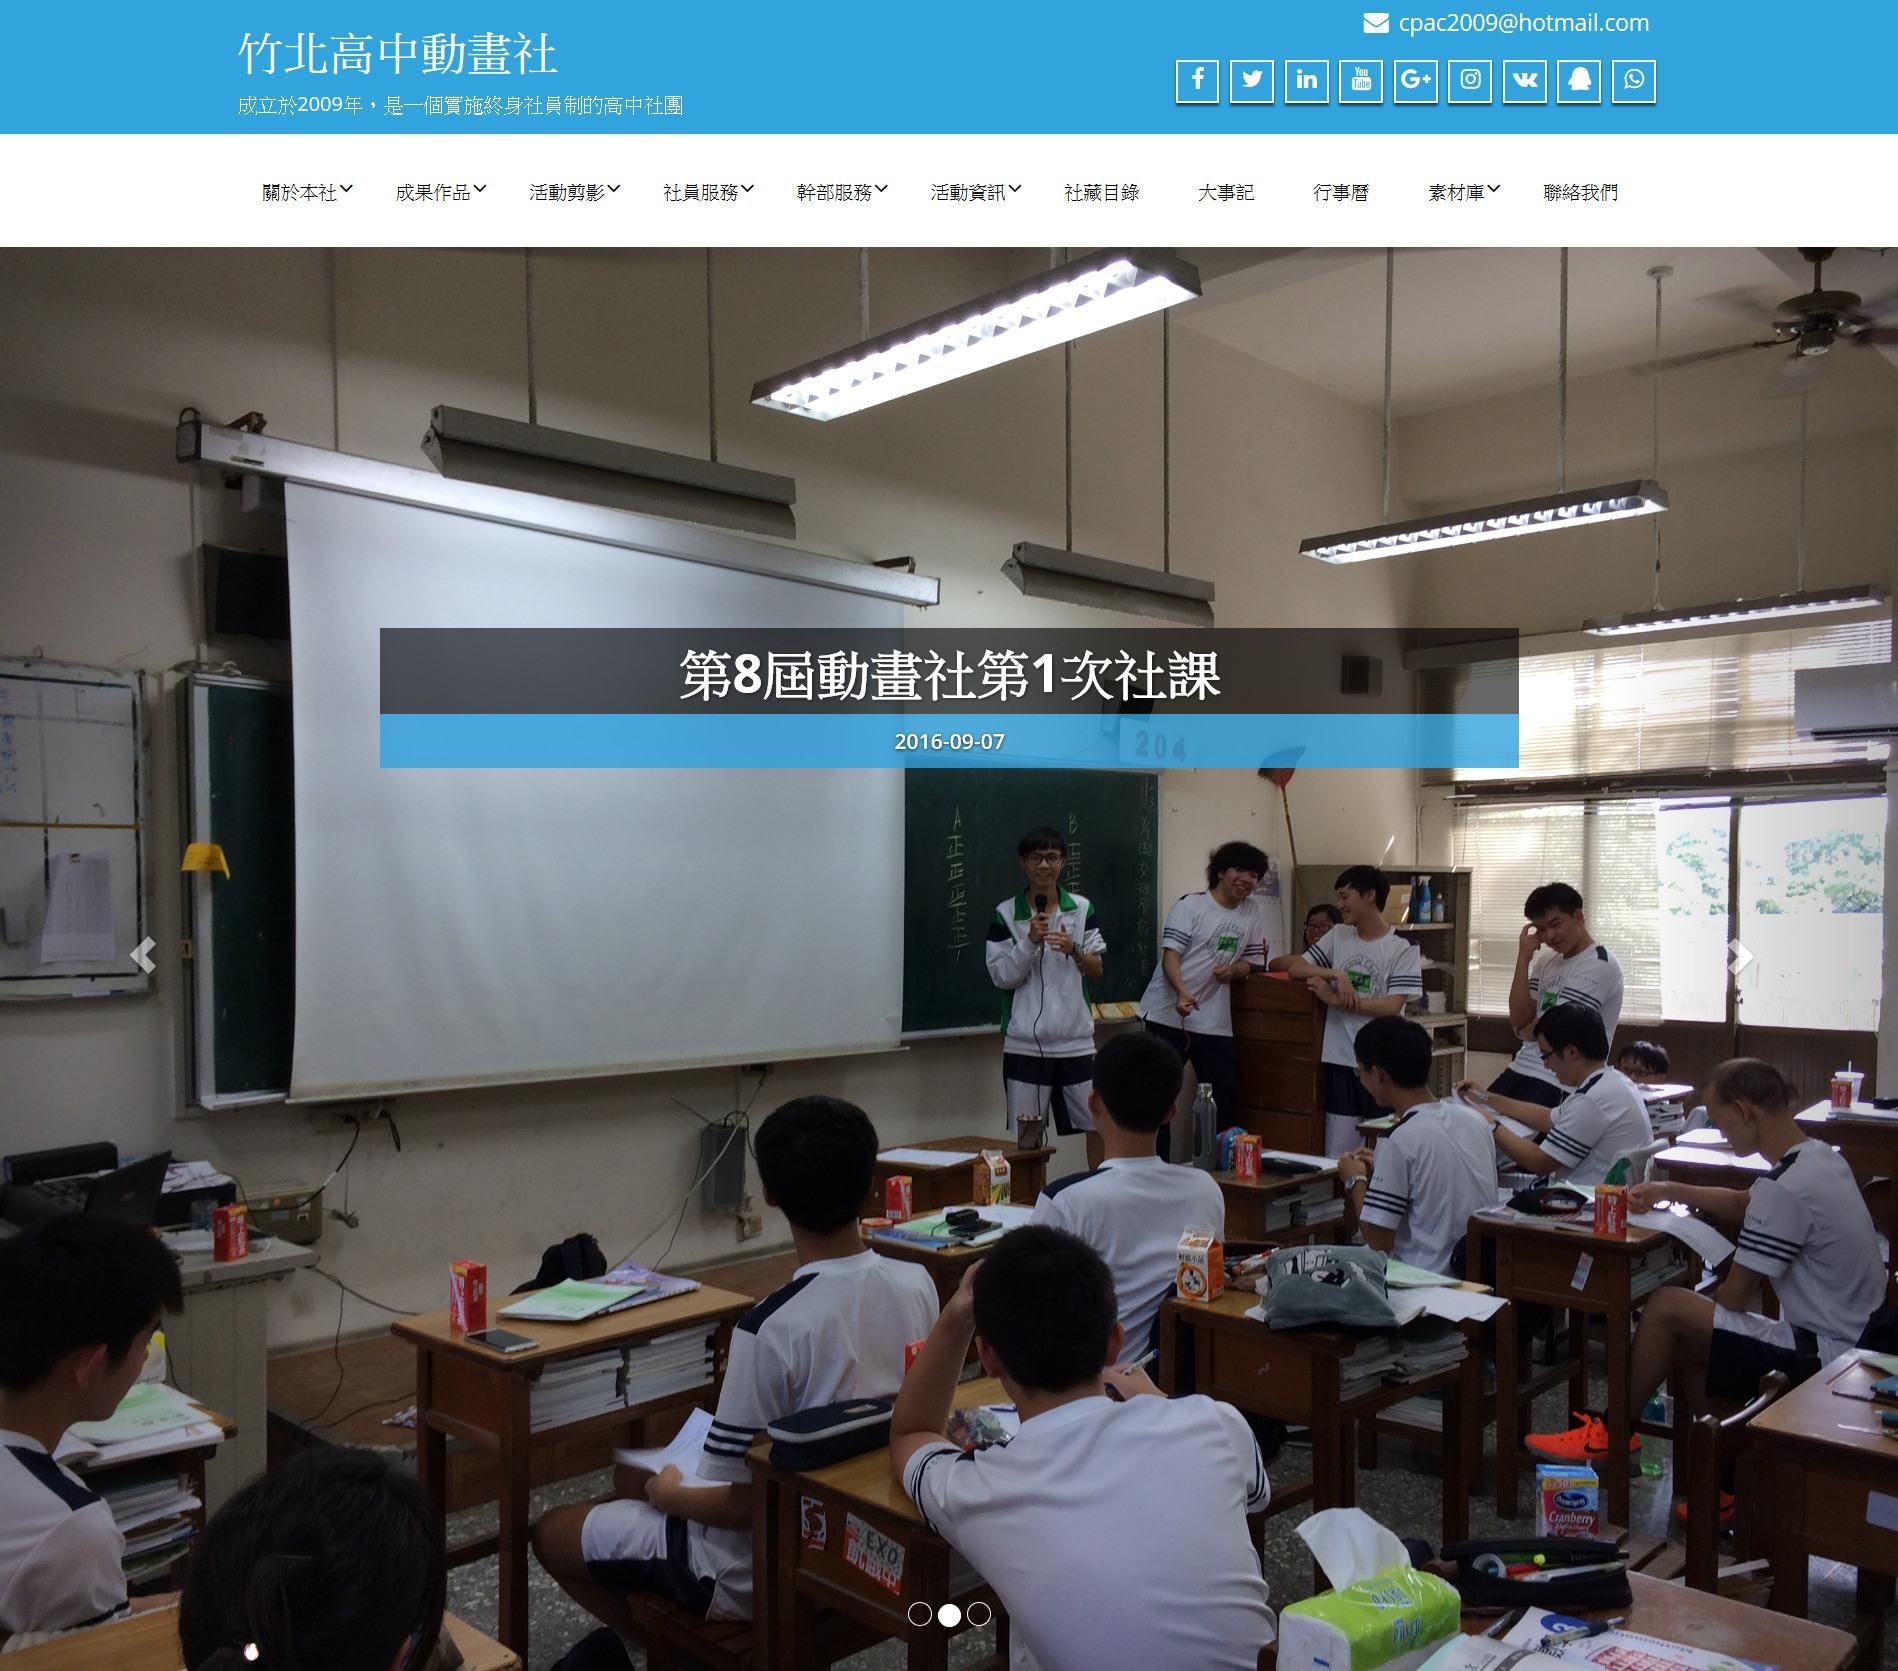 竹北高中動畫社官方網站